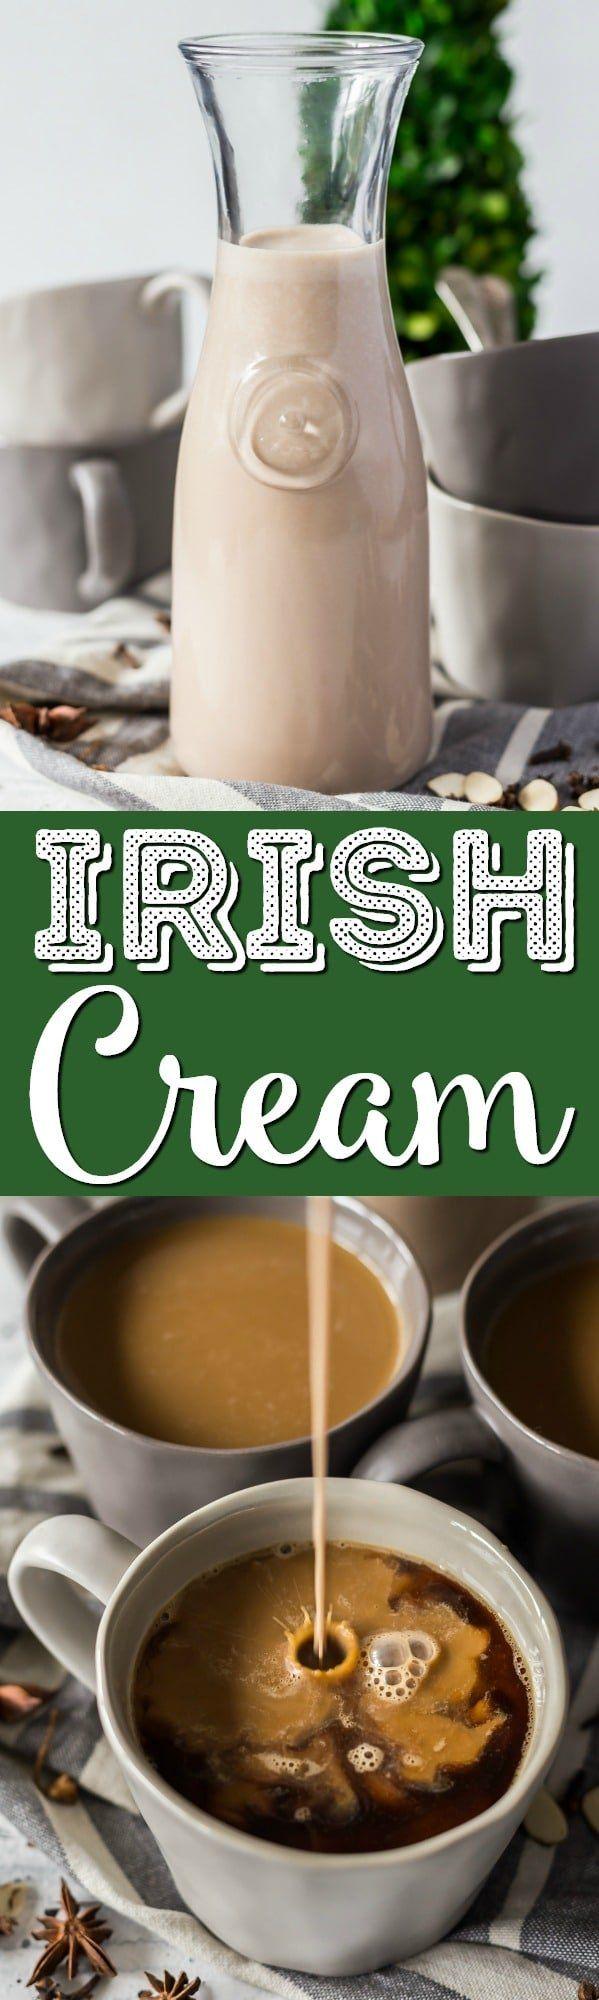 This Homemade Irish Cream Recipe is way better than the